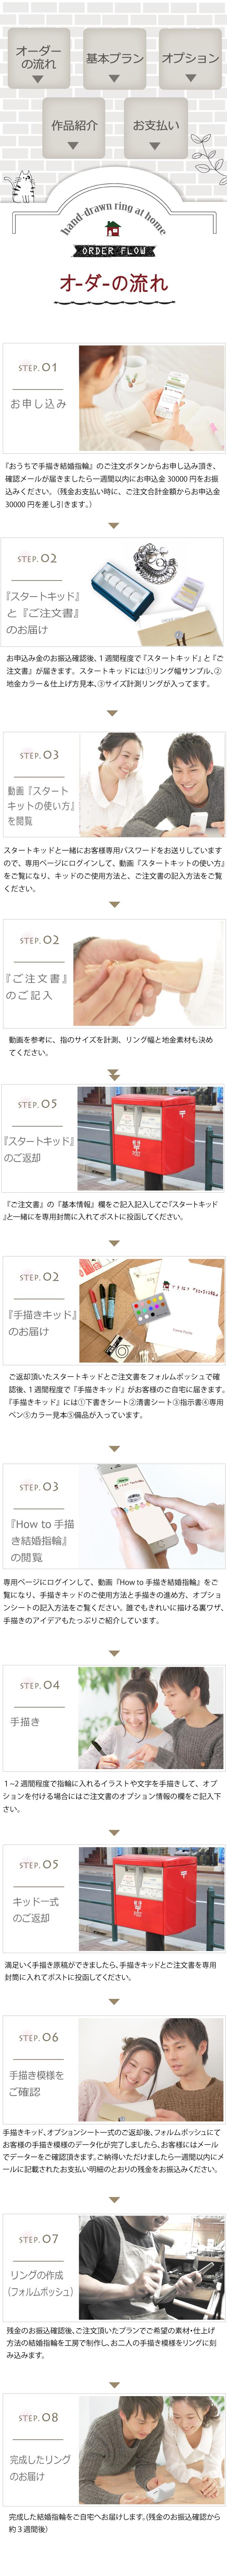 outi-test0129-1e